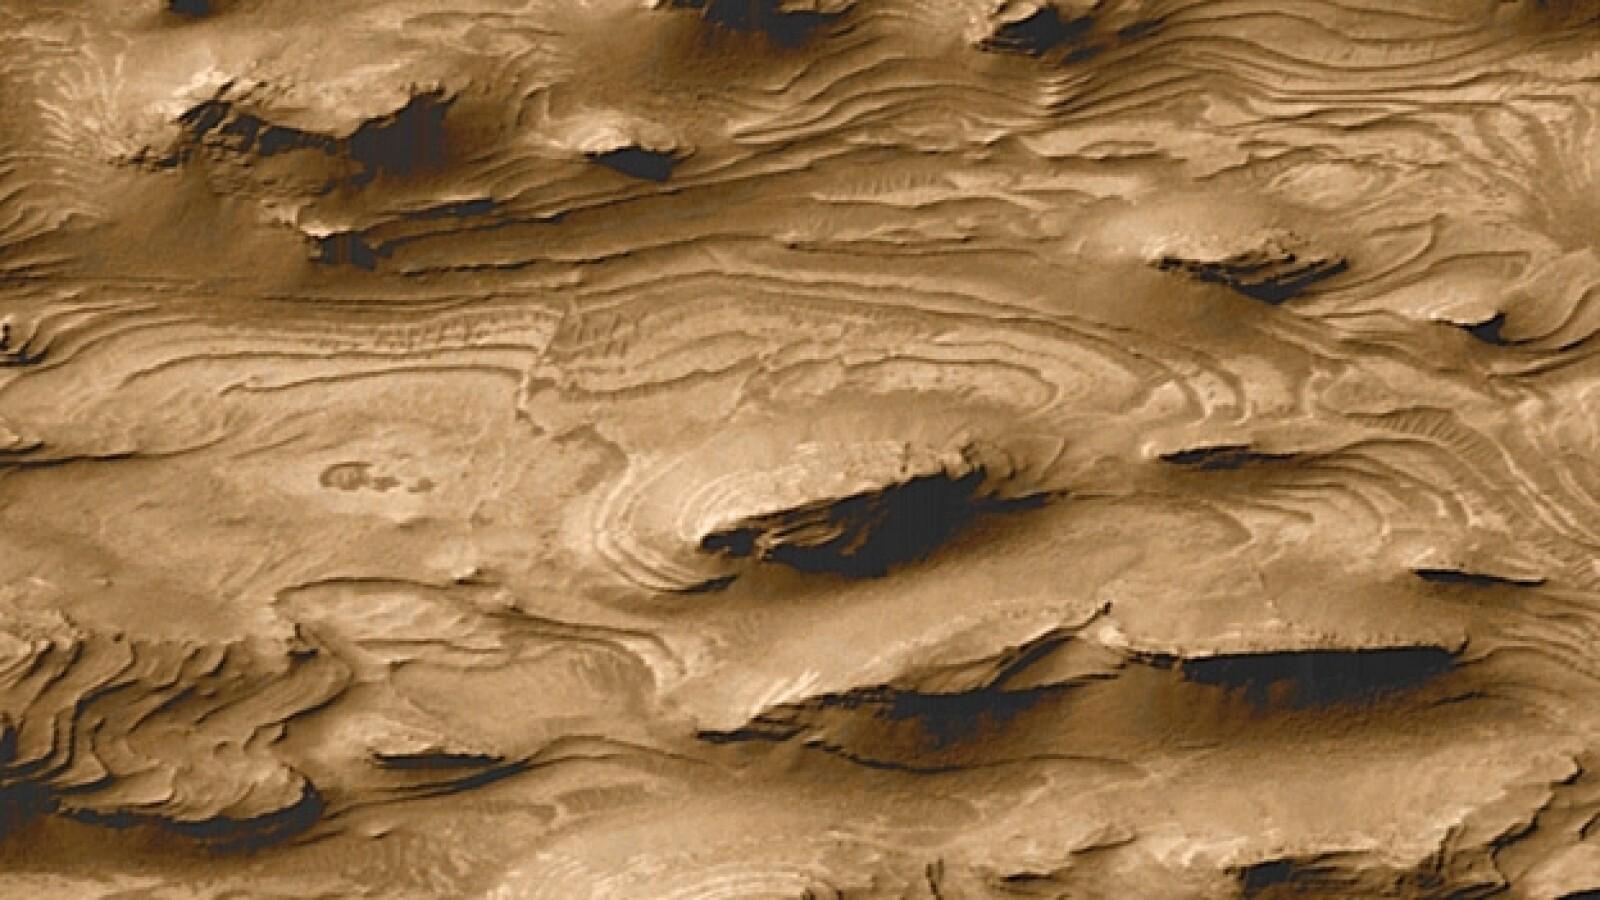 Marte Mars Mars Global Surveyor de la NASA de 2000 lago sedimento